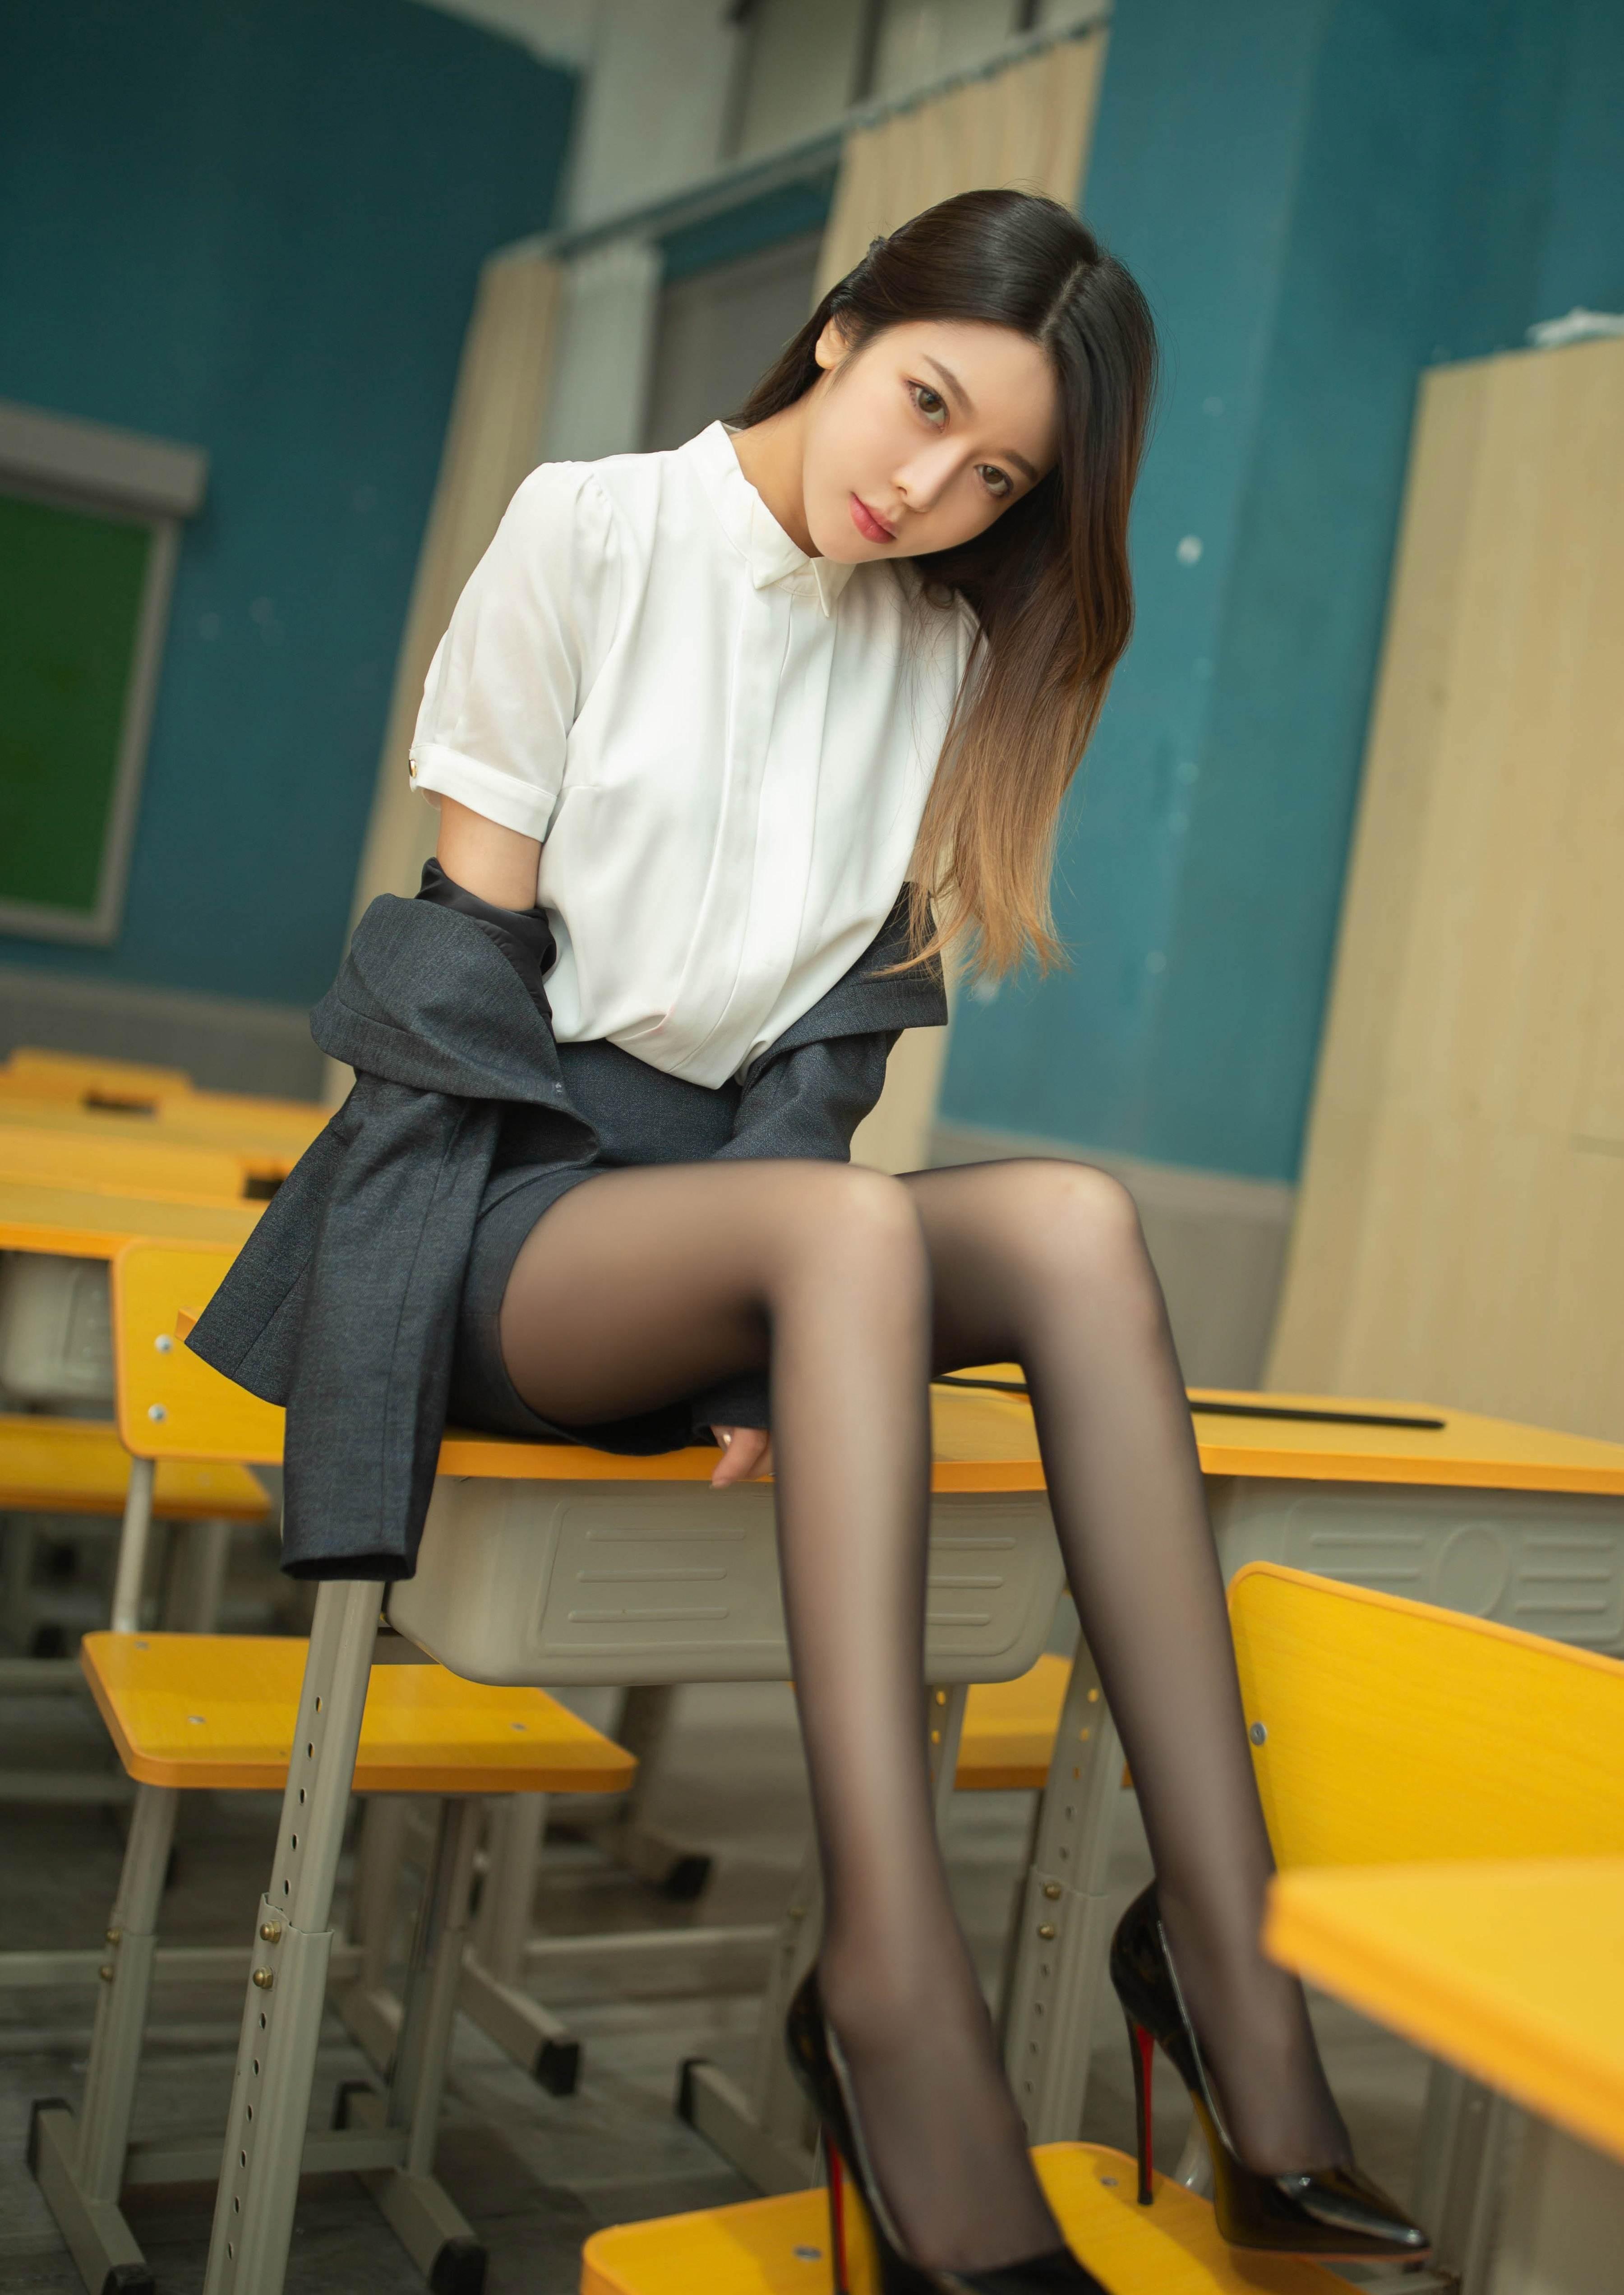 第2期黑丝职业装套图写真夏诗诗_图片2